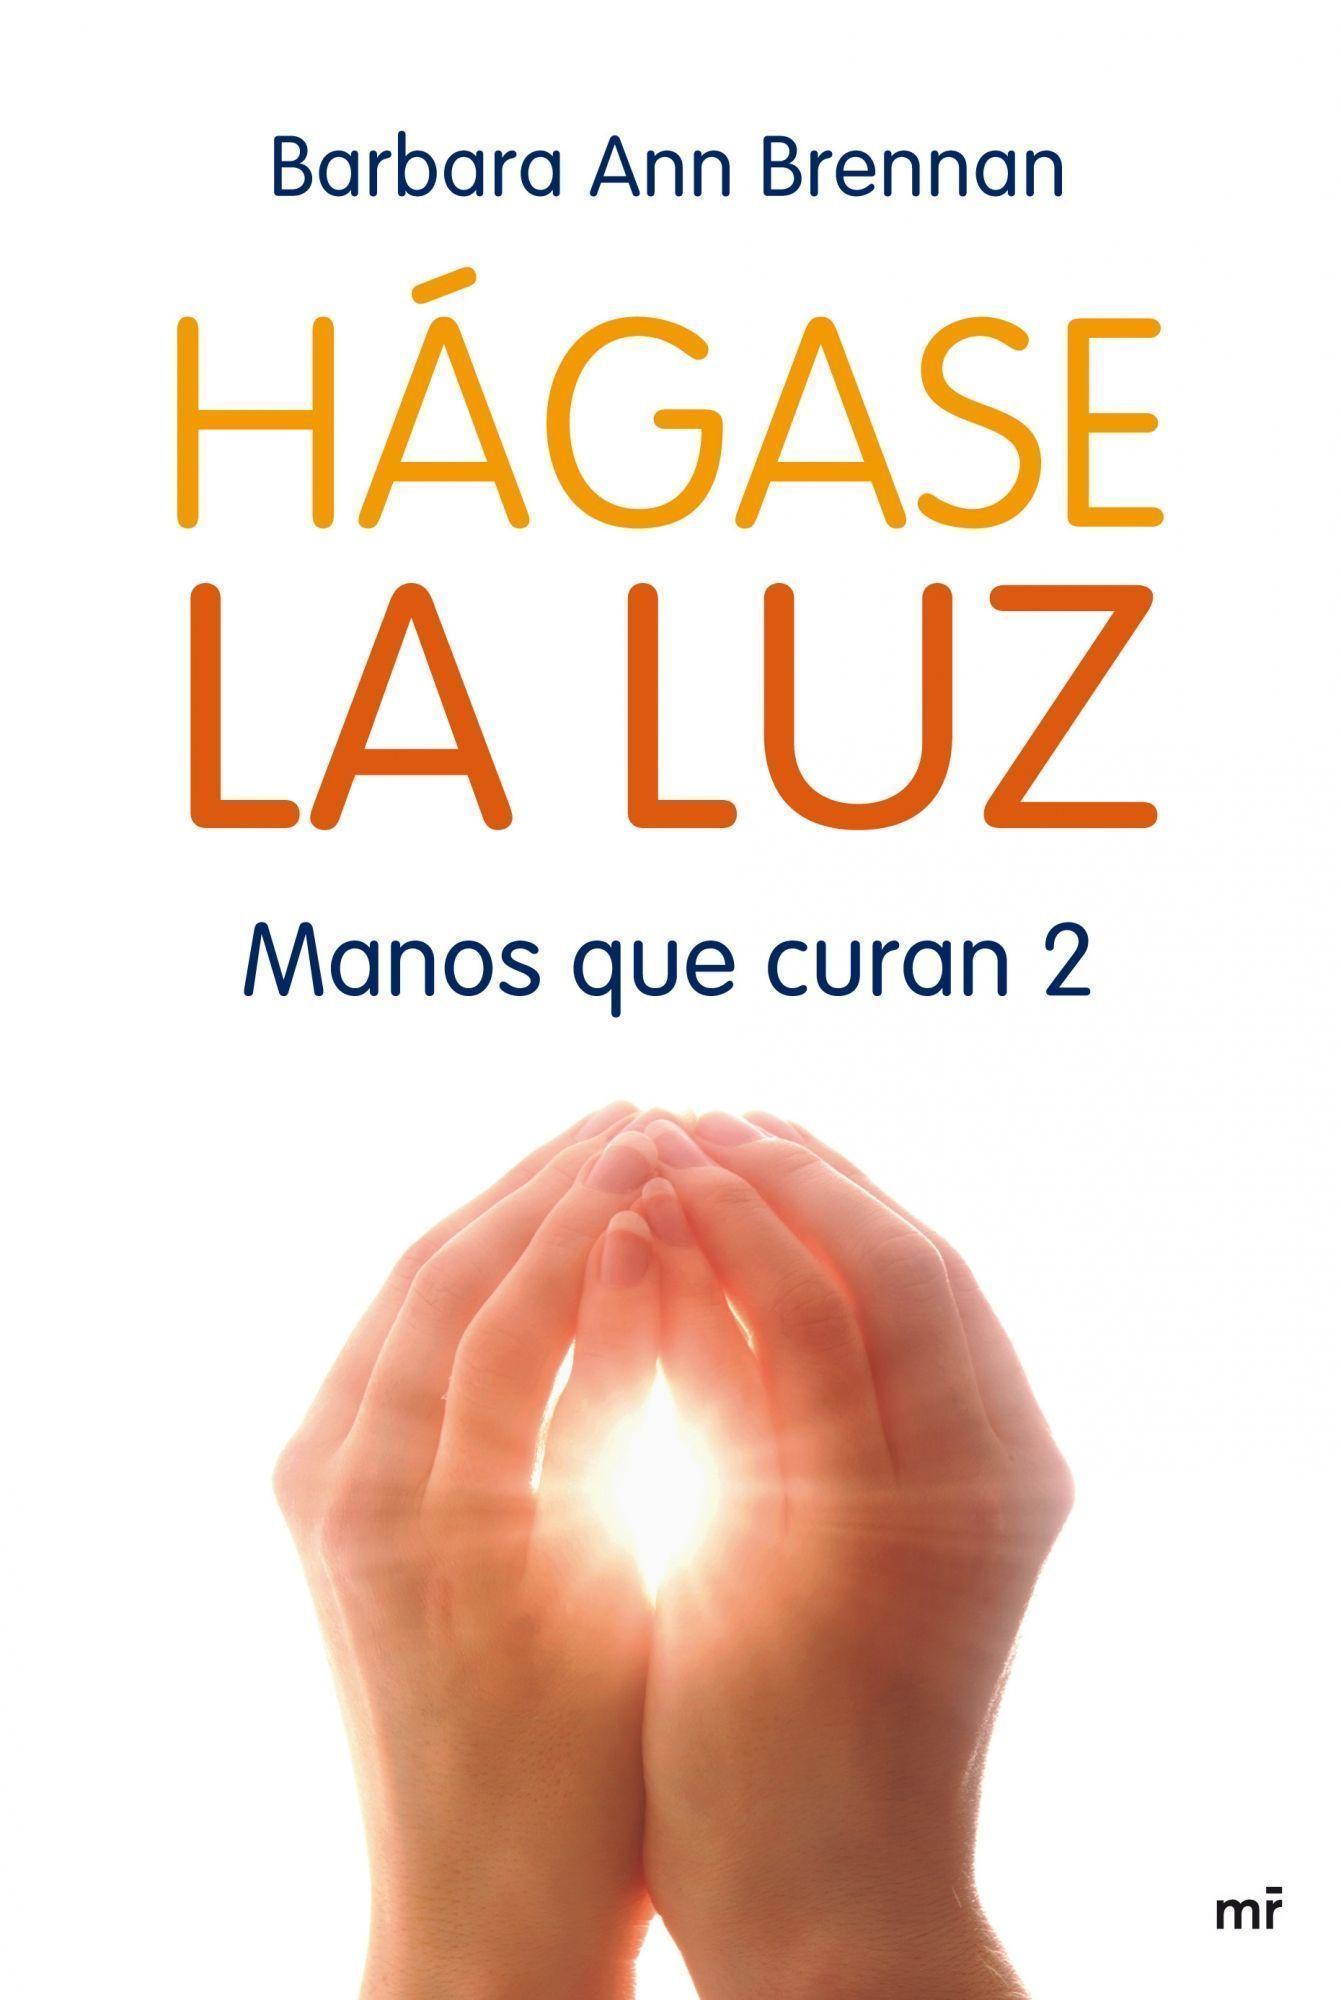 hagase la luz: manos que curan 2-barbara ann brennan-9788427035706